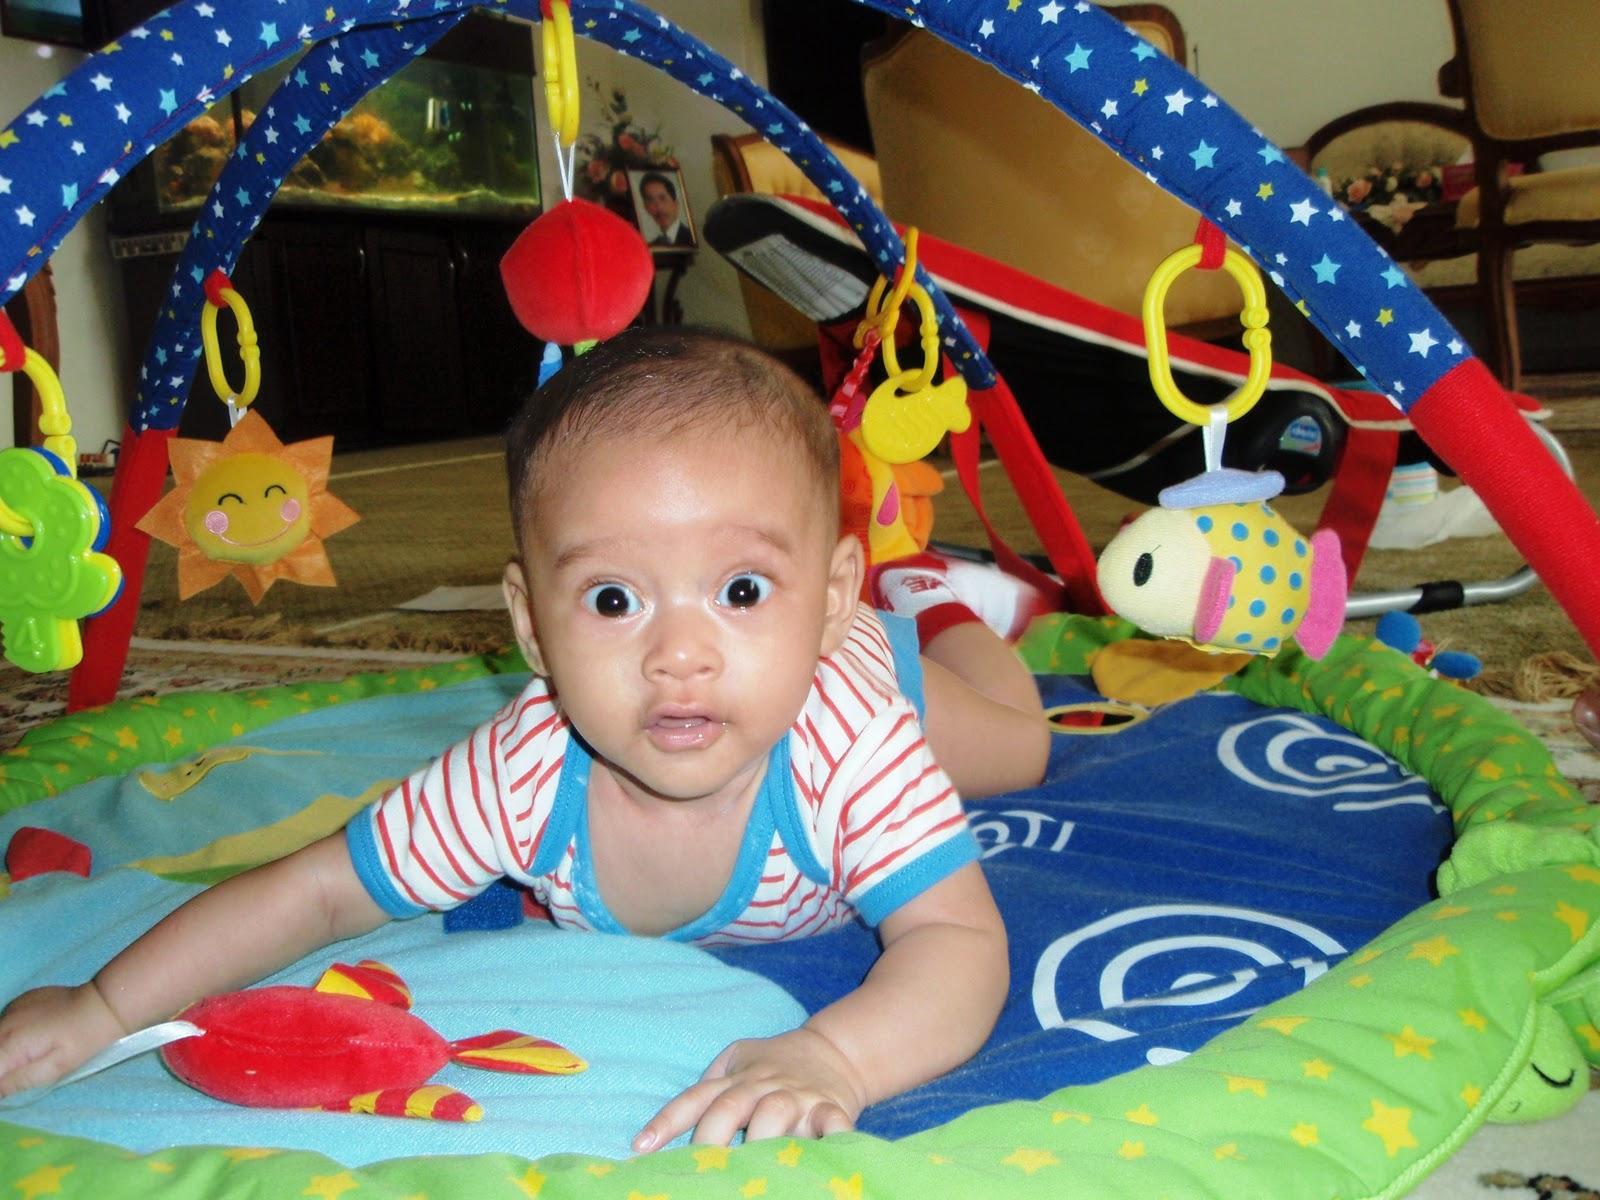 Jouet D Éveil Bébé 4 Mois - L'univers Du Bébé pour Jeux D Eveil Bébé 2 Mois